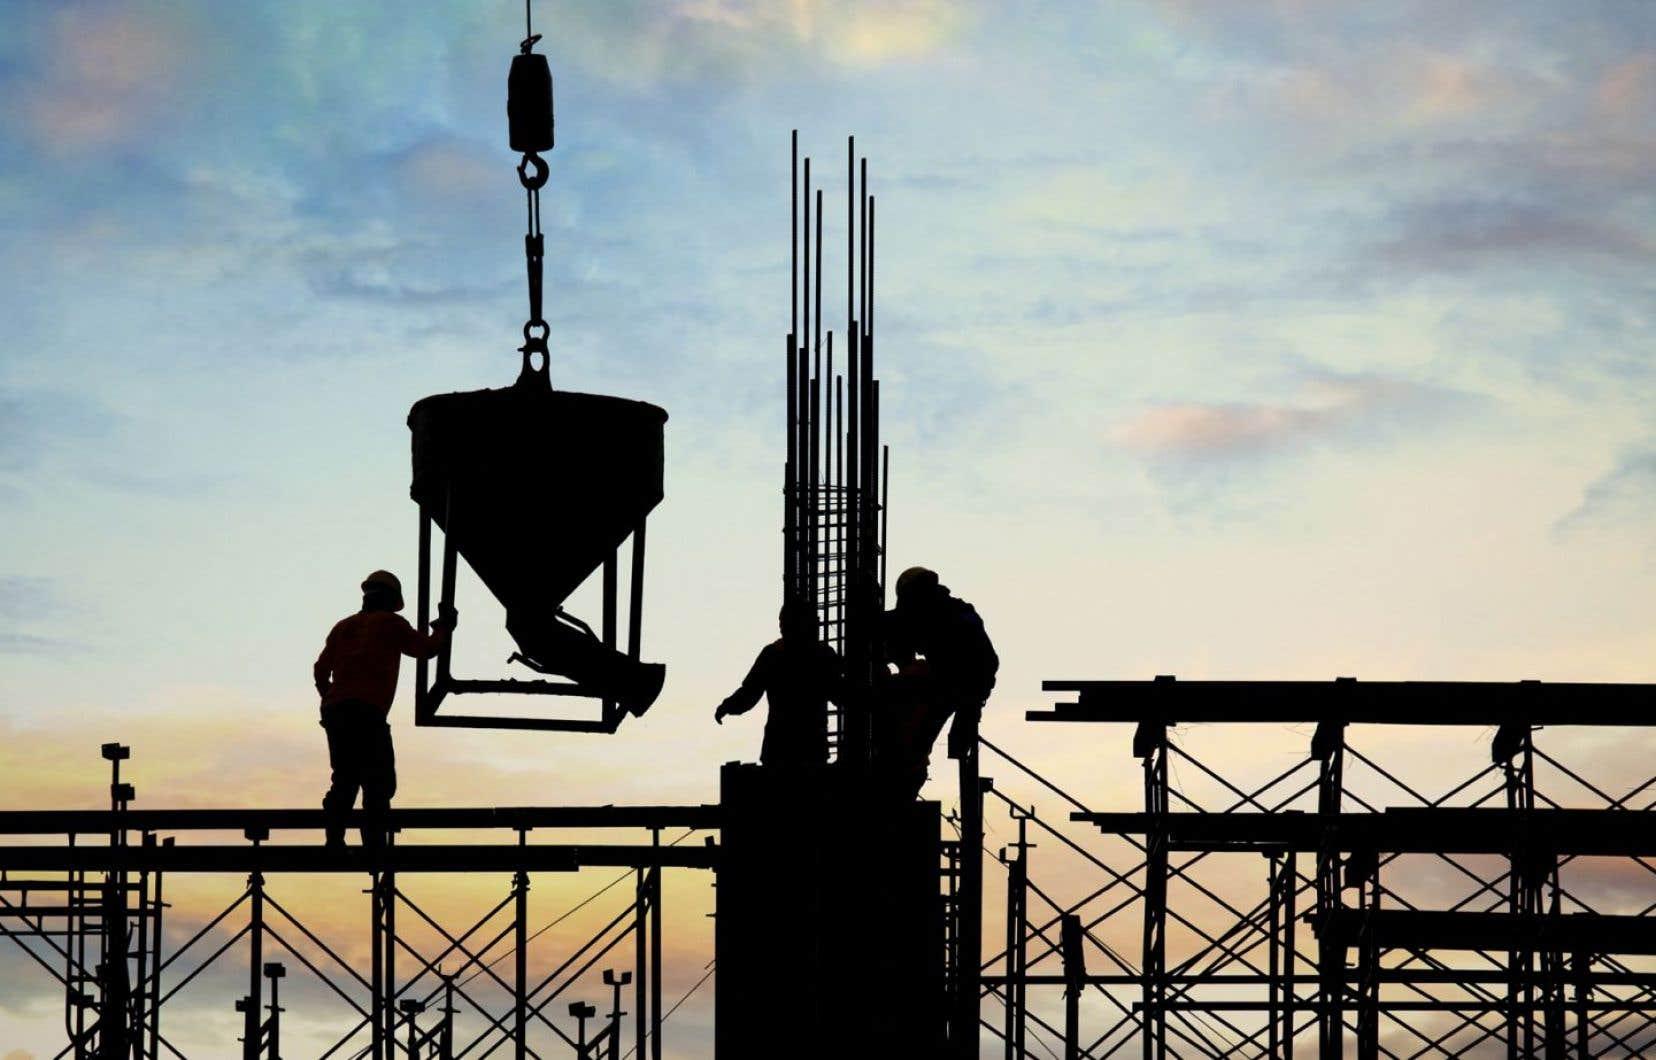 Près de dix ans après le déclenchement de la crise en 2007-2008, l'économie mondiale se trouve dans une impasse.